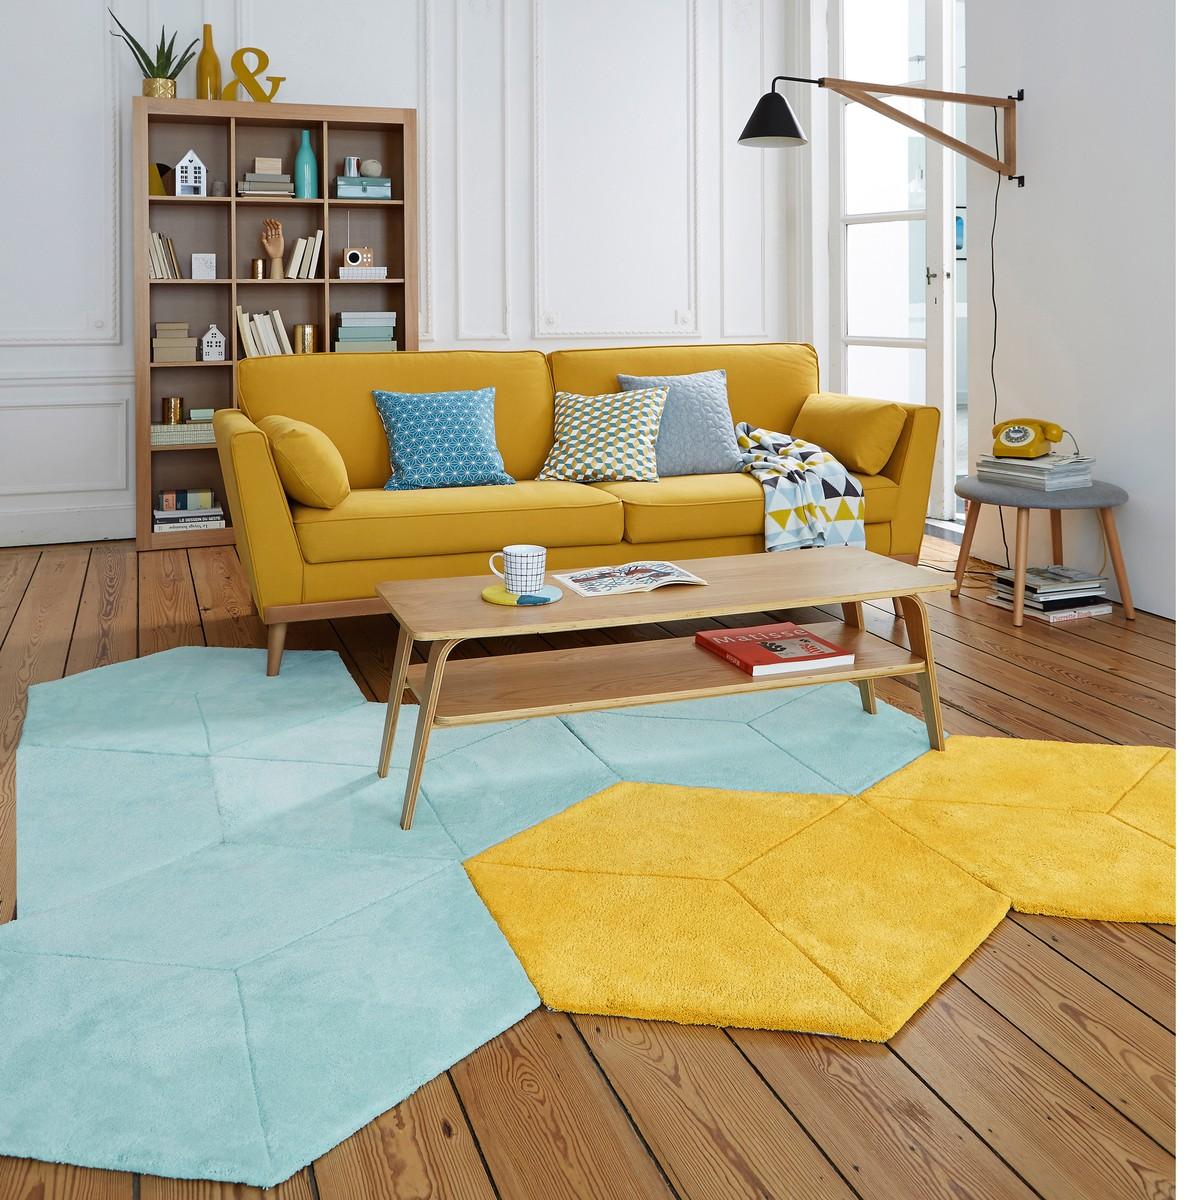 Alfombras por menos de 100 - La redoute alfombras ...